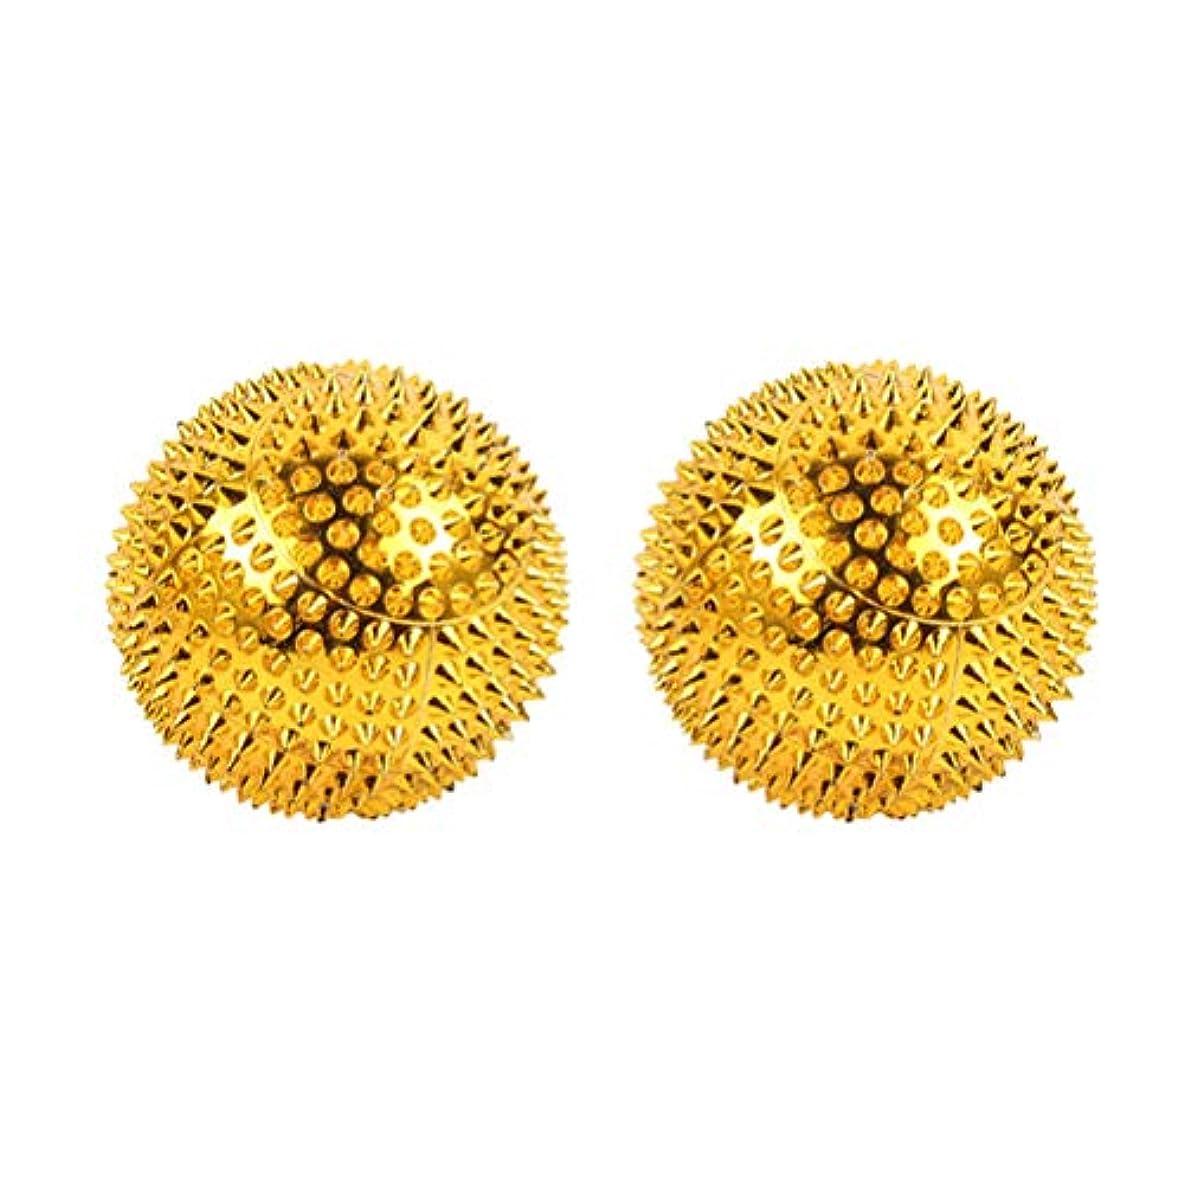 発表病者バストHealifty マッサージボール鍼灸ボール指圧マッサージ2本(ゴールデン)